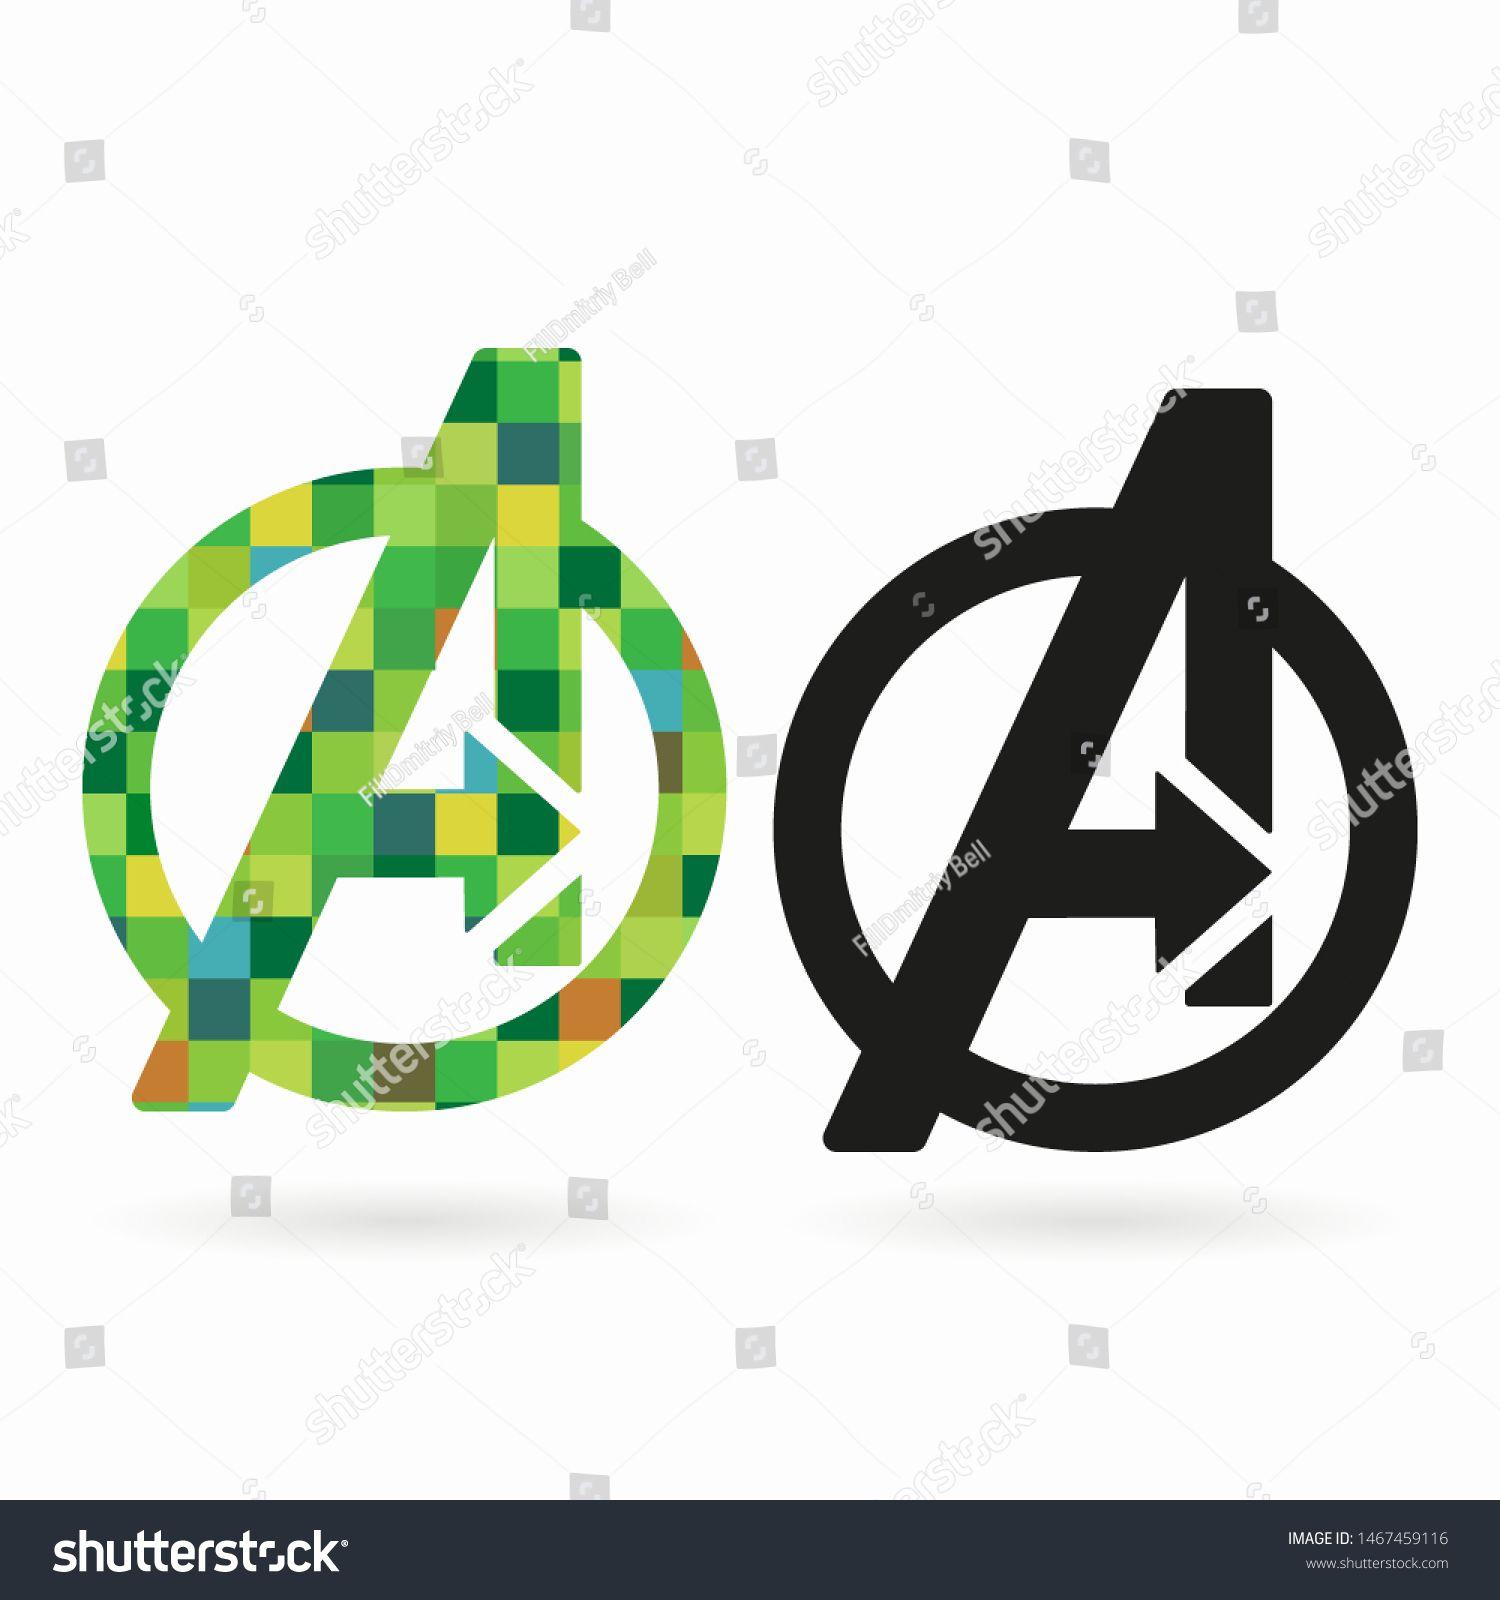 Avengers logo on the on white background. Avengers endgame